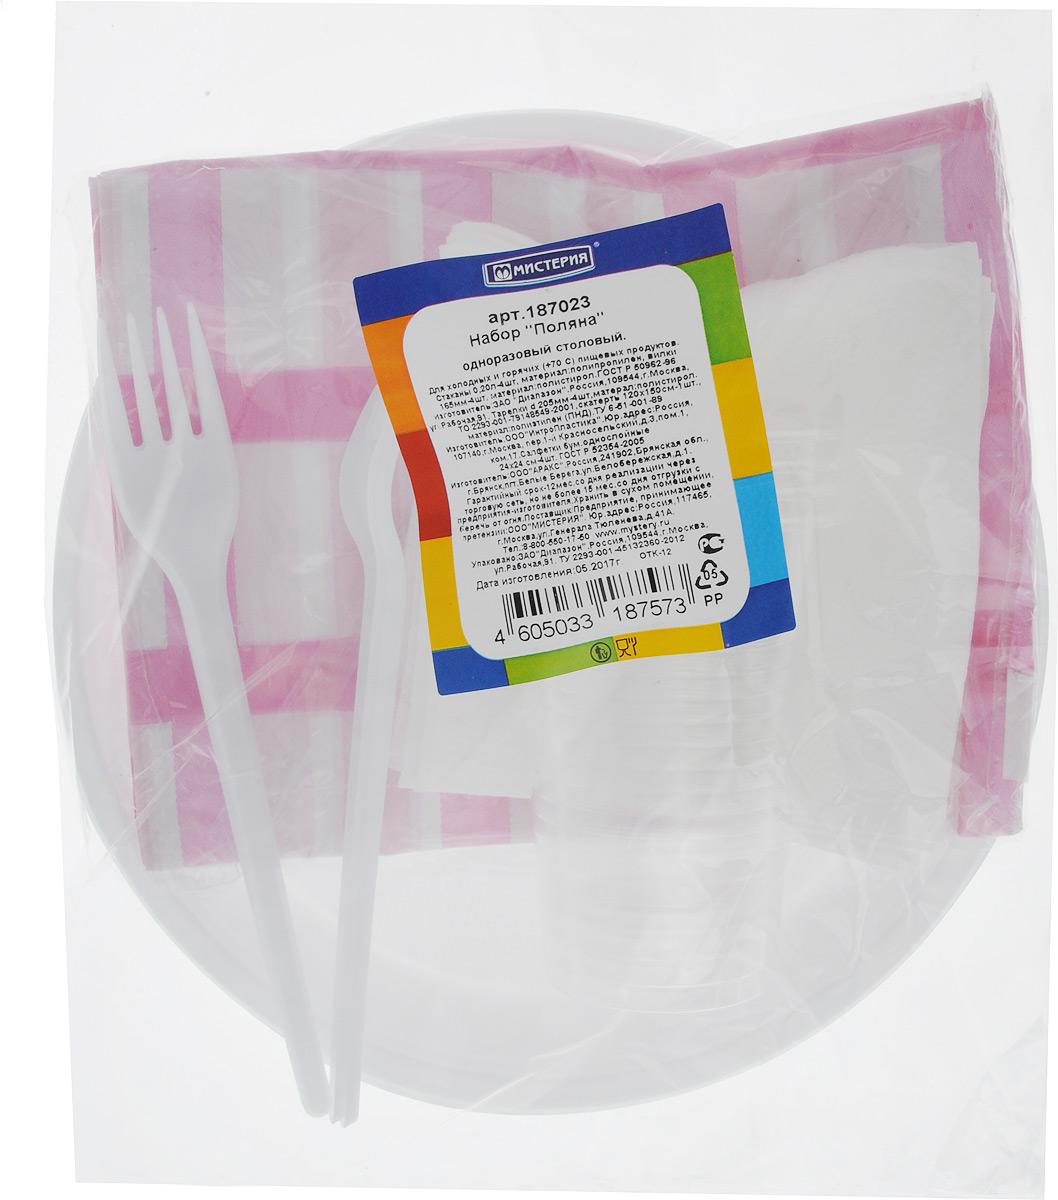 Набор одноразовой посуды Мистерия Поляна, 17 предметов187023Набор одноразовой посуды Мистерия Поляна на 6 персонвключает 4 тарелки, 4 вилки, 4 стакана, 4 салфетки искатерть. Посуда выполнена из пищевого пластика,предназначена для холодных и горячих (до +70°С) пищевыхпродуктов. Скатерть изготовлена из полиэтилена (ПНД). Такой набор посуды отлично подойдет для отдыха наприроде. В нем есть все необходимое для пикника. Он легкийи не занимает много места, а самое главное - послеиспользования его не надо мыть. Объем стакана: 200 мл. Диаметр стакана (по верхнему краю): 7 см. Высота стакана: 9,5 см. Диаметр тарелки: 20,5 см. Длина вилки: 16,5 см. Размер салфетки: 24 х 24 см. Размер скатерти: 120 х 150 см.